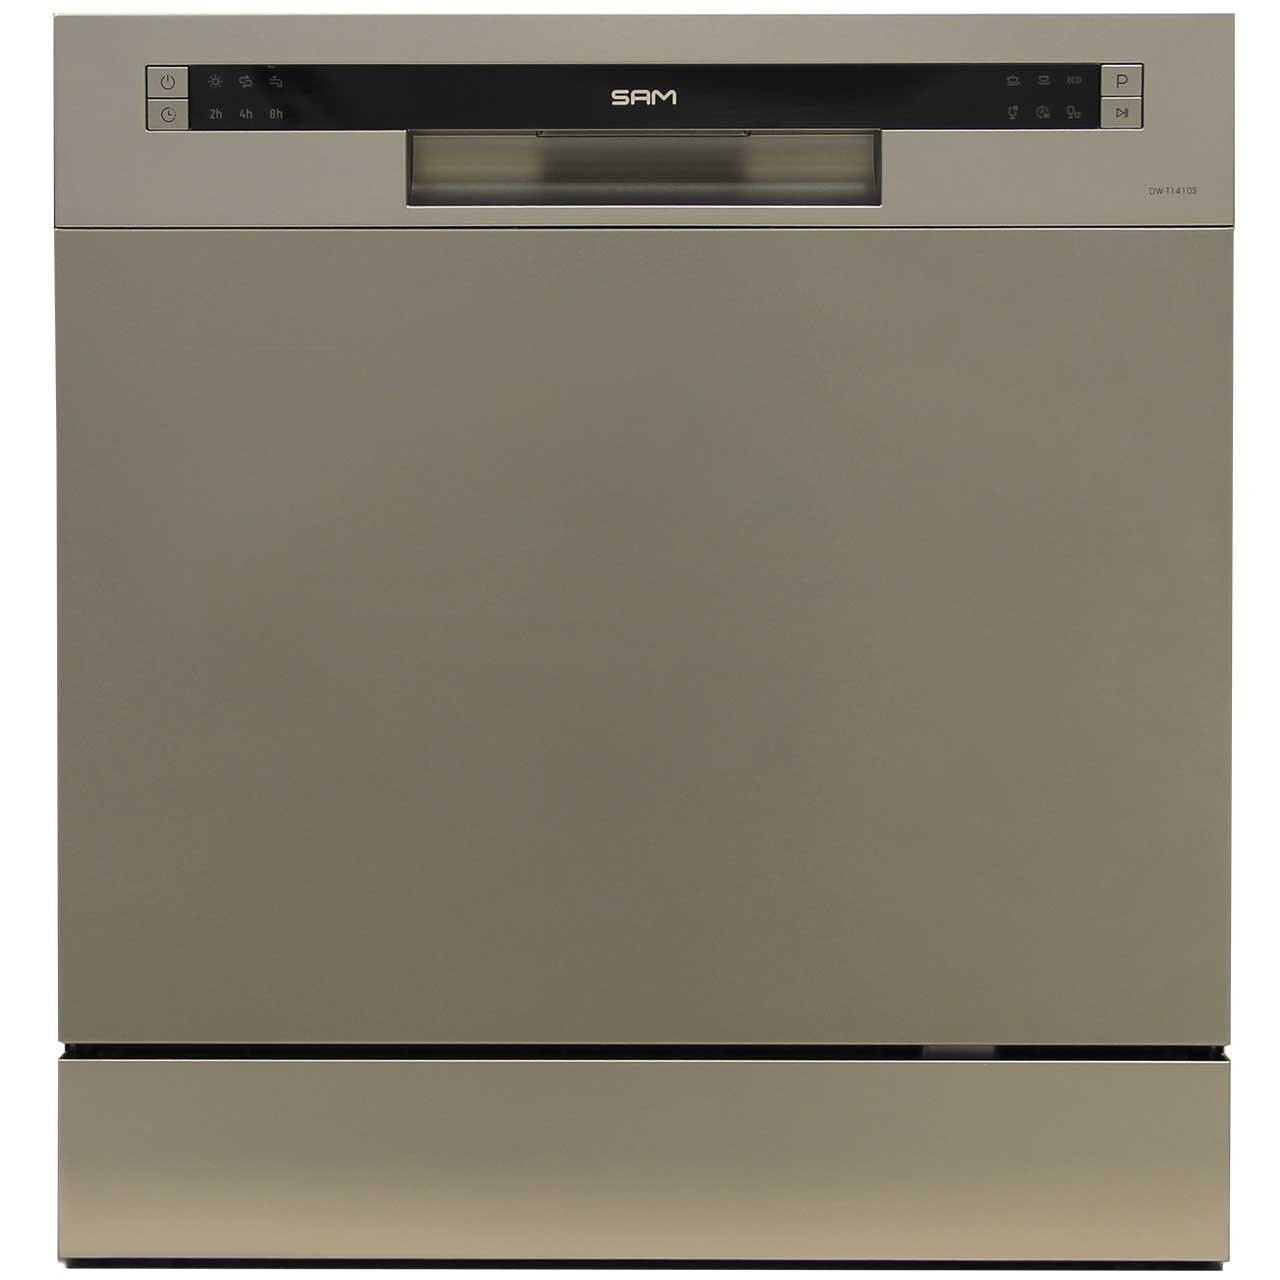 ماشین ظرفشویی سام مدل DW T1410   Sam DW T1410 Dishwasher